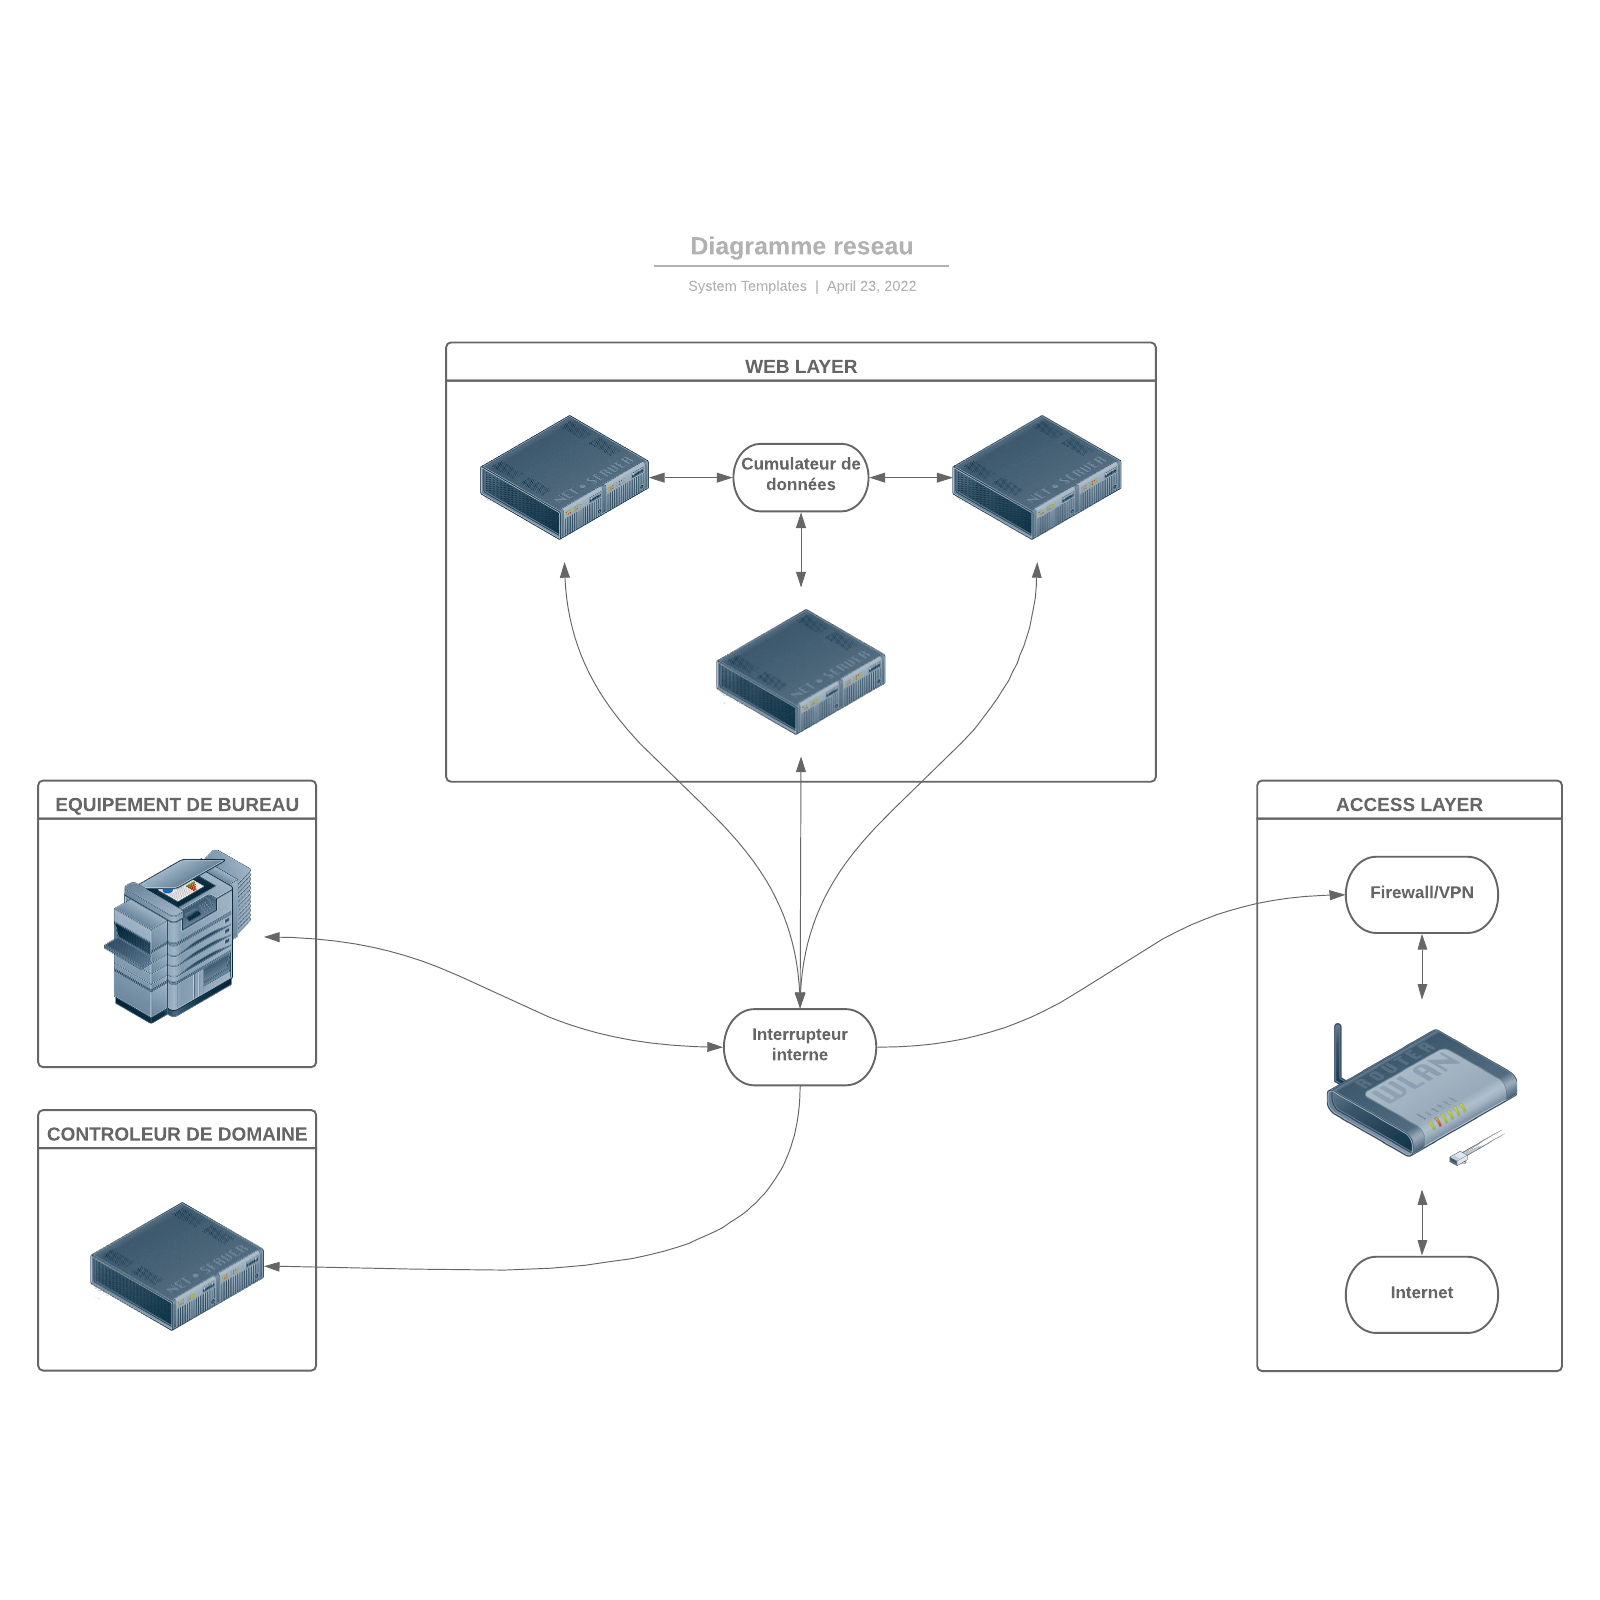 exemple de diagramme de réseau simple